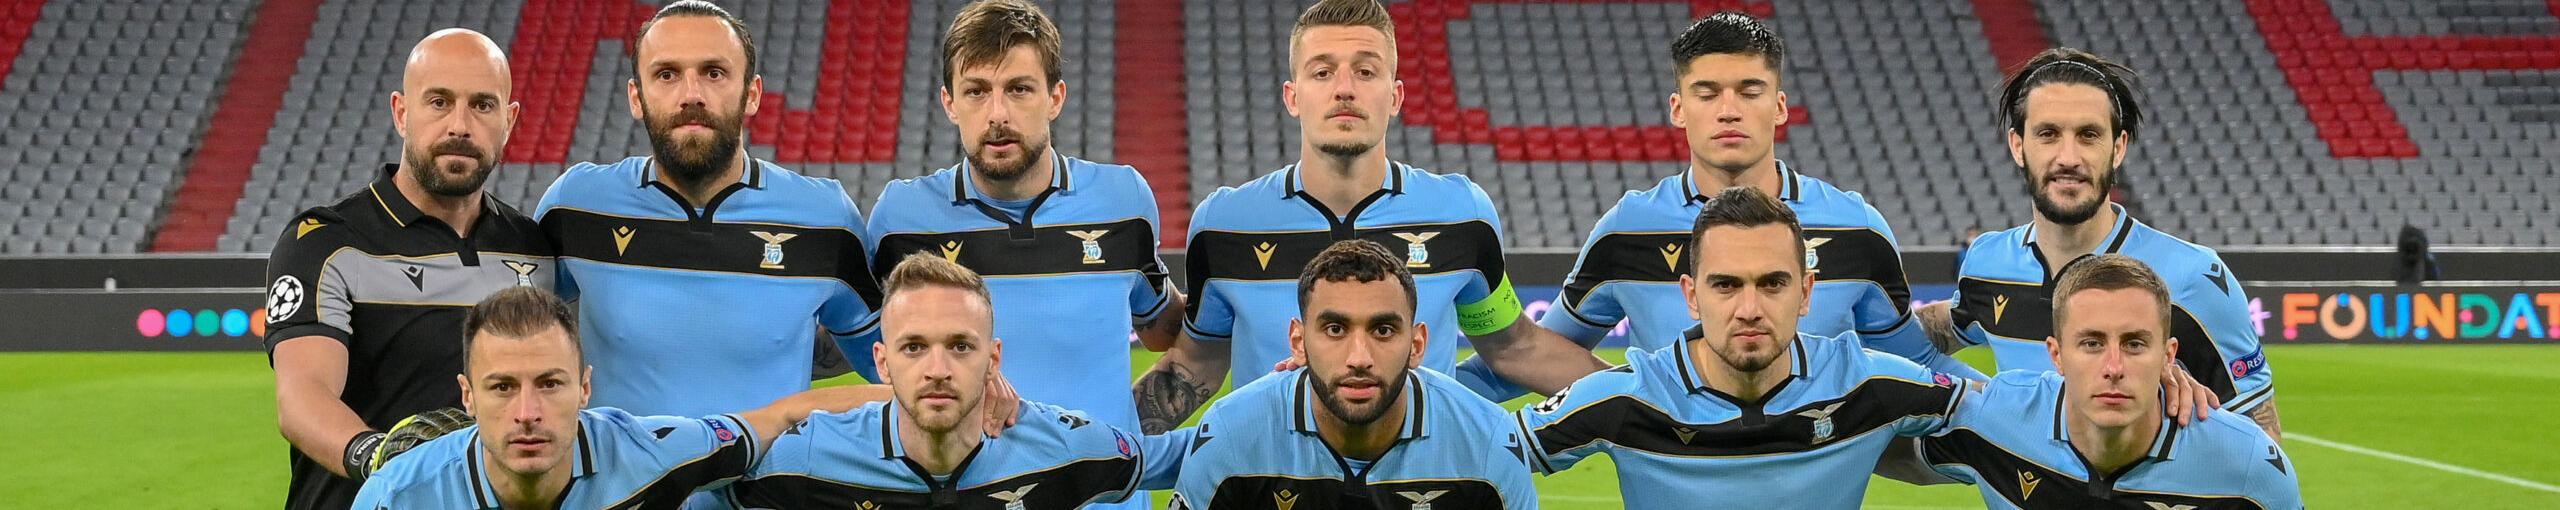 Udinese-Lazio: l'Aquila punta il 4° posto, in Friuli test della verità